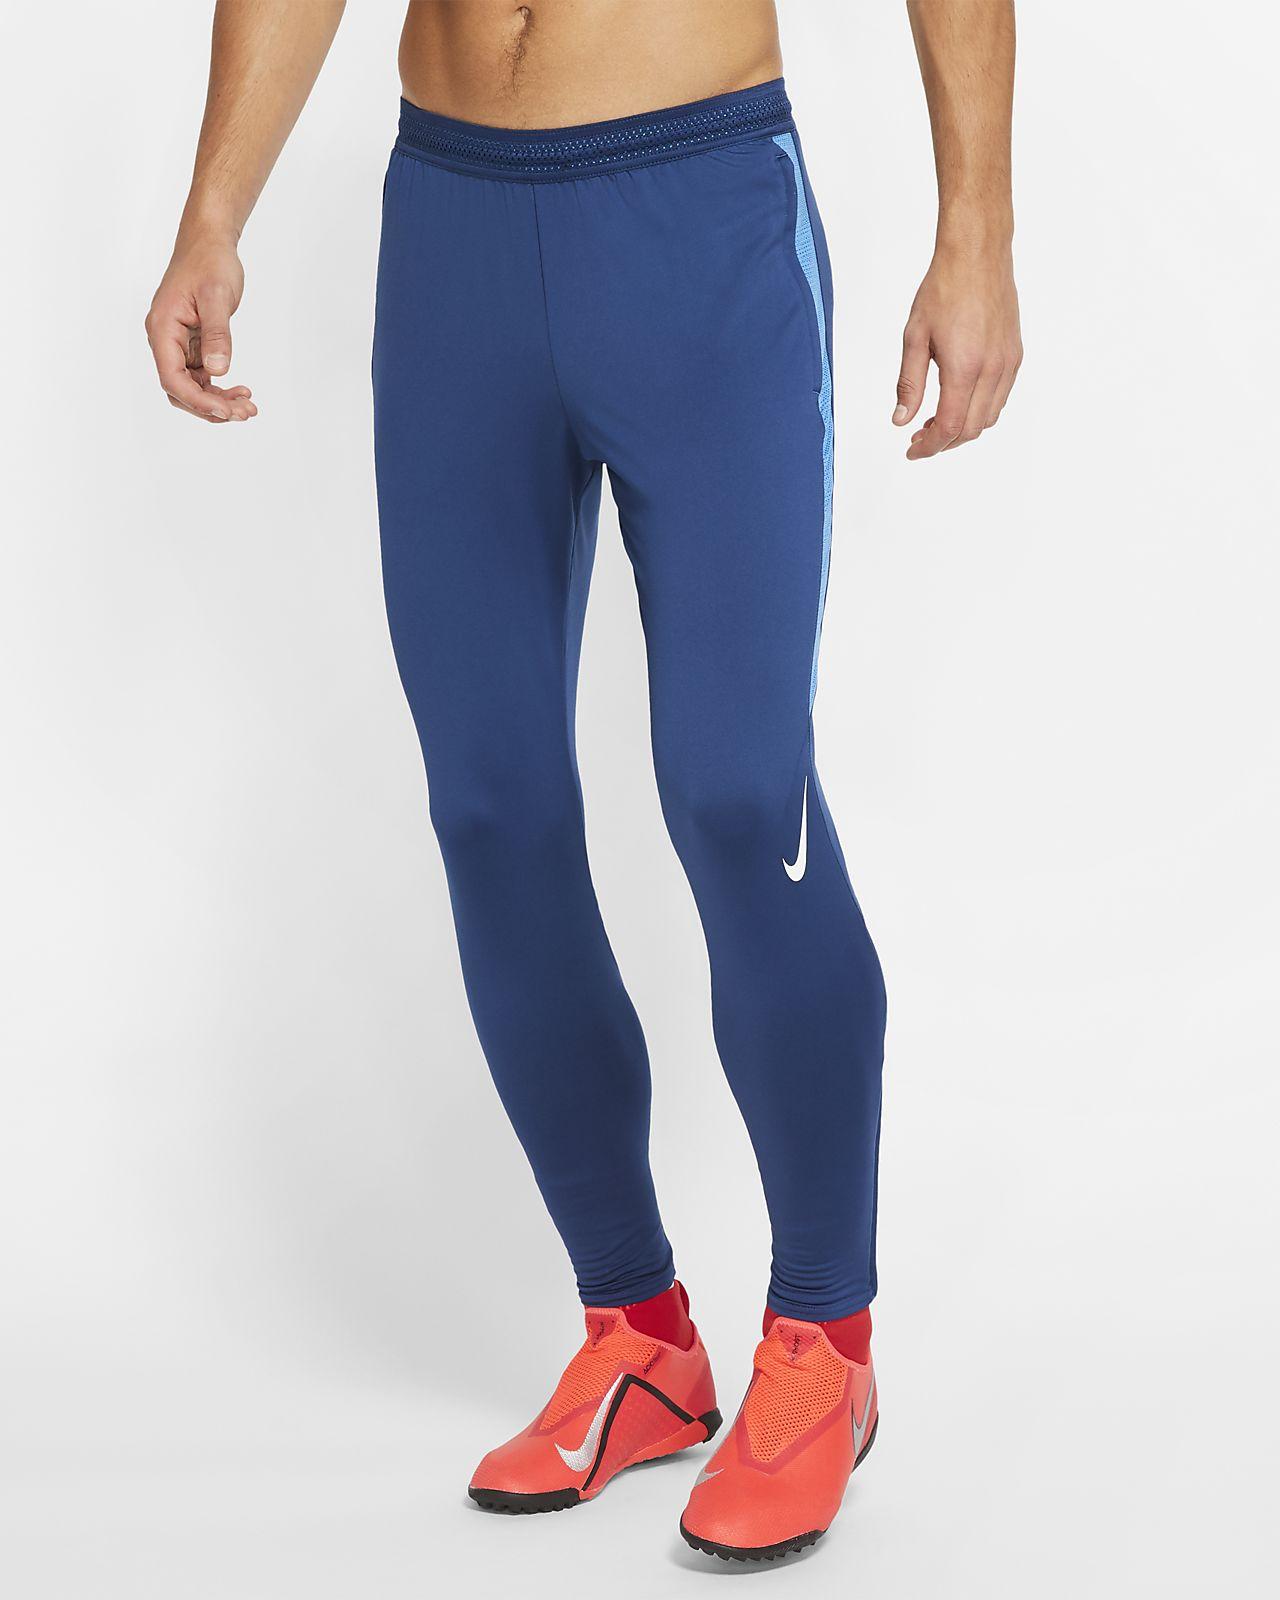 Pánské fotbalové kalhoty Nike Dri-FIT Strike